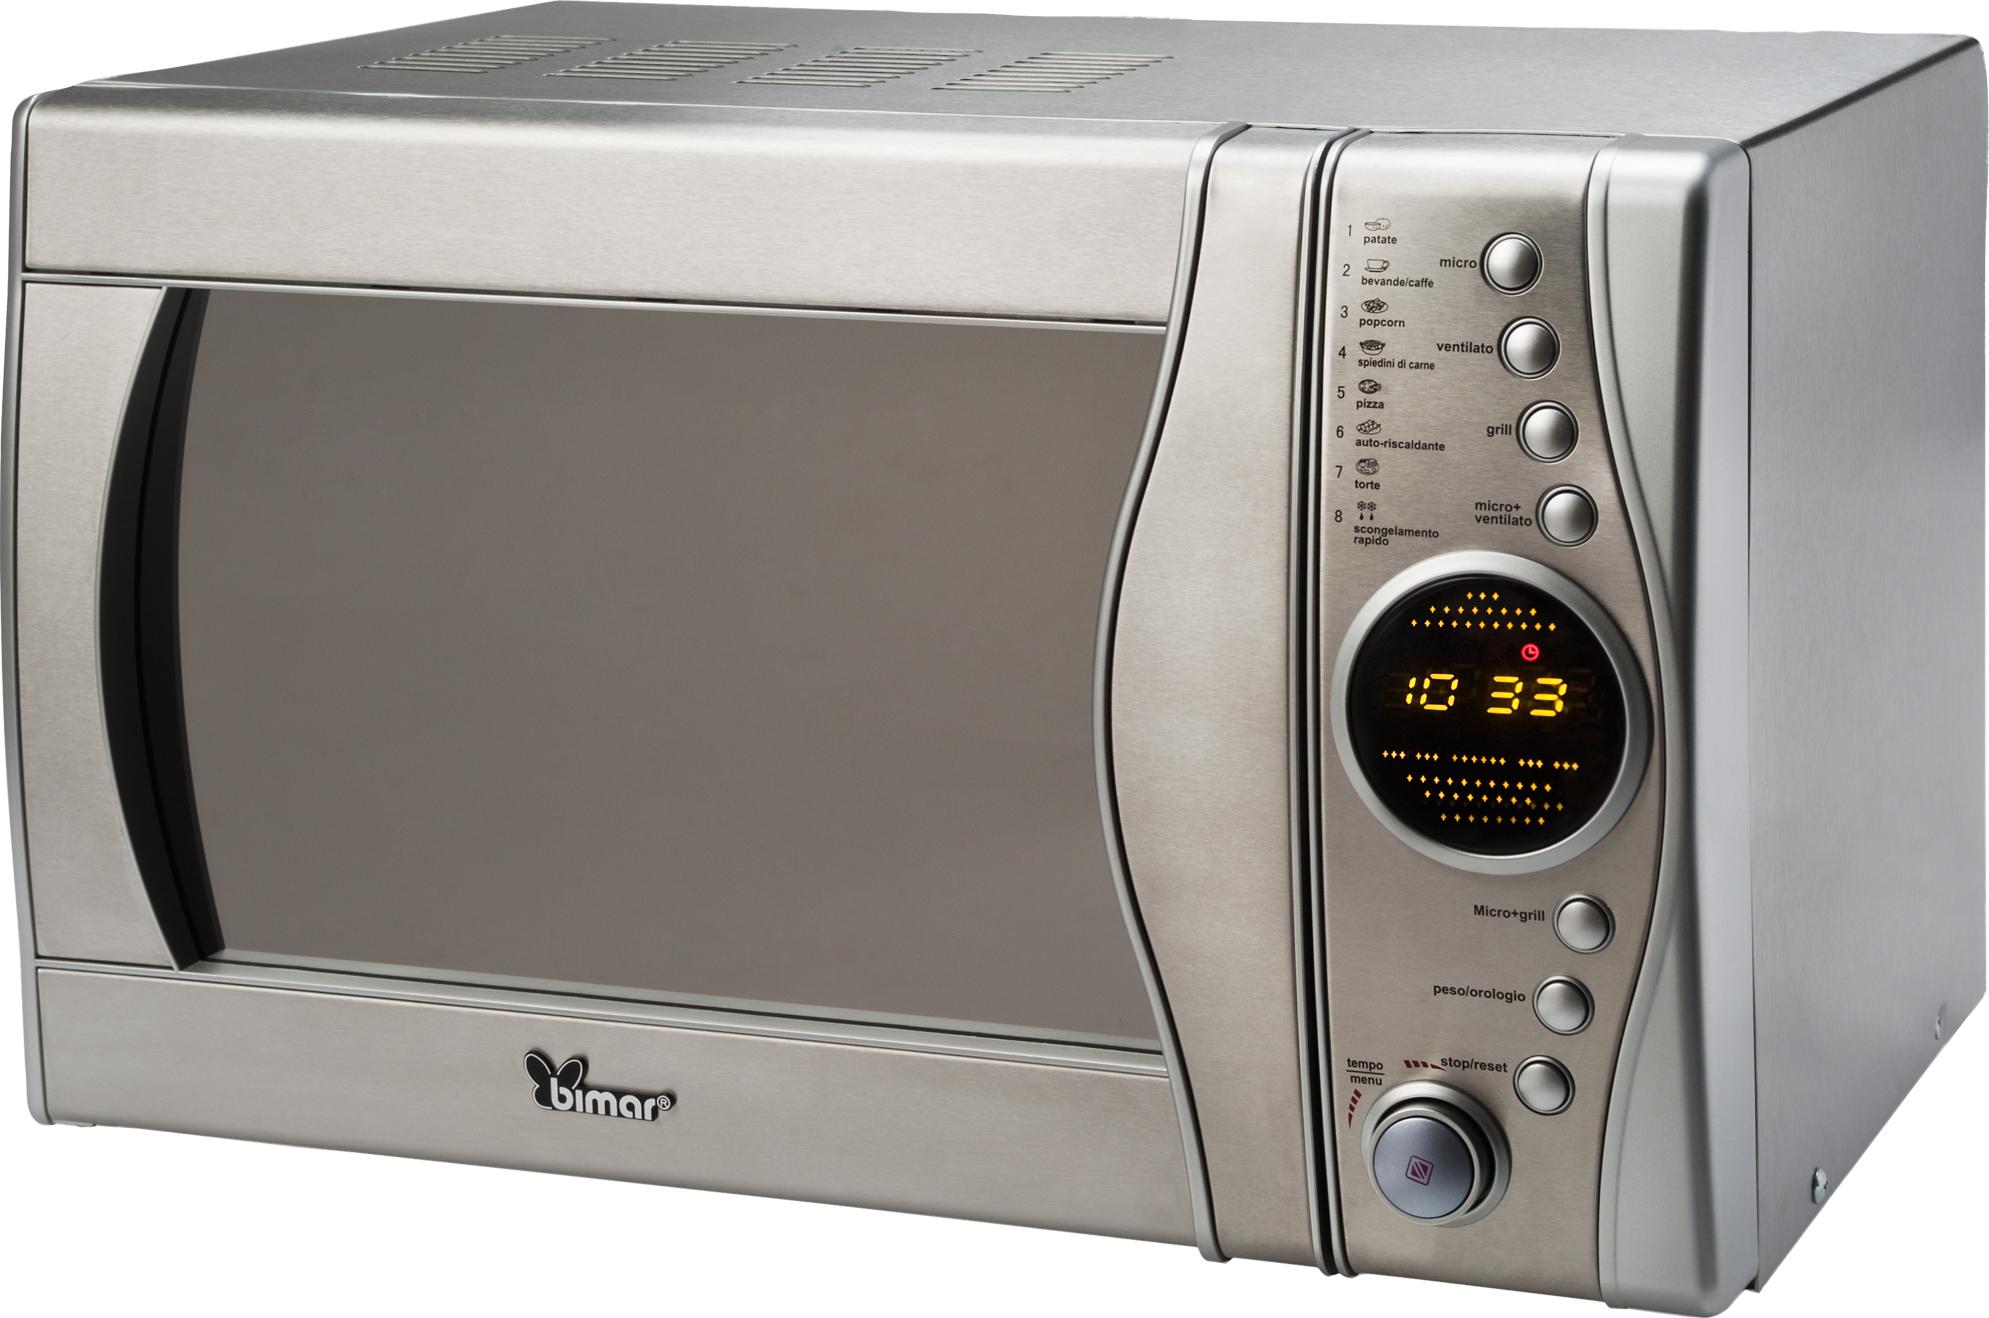 Forno microonde prontochef bimar - Forno e microonde combinato ...